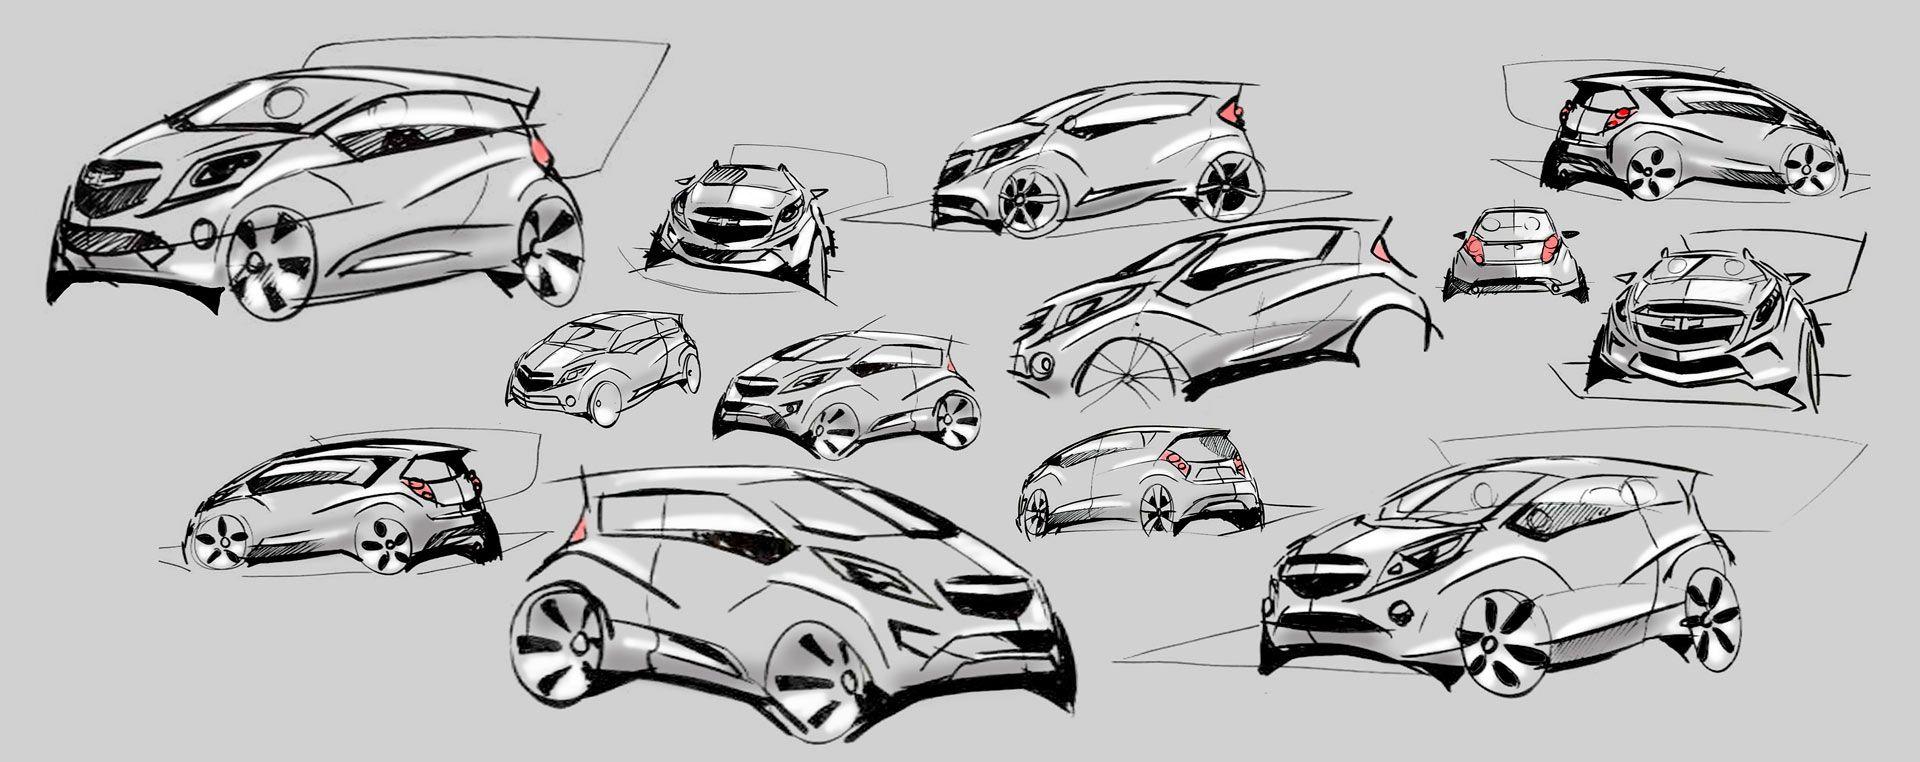 Design of car model - Chevrolet Spark Design Sketches